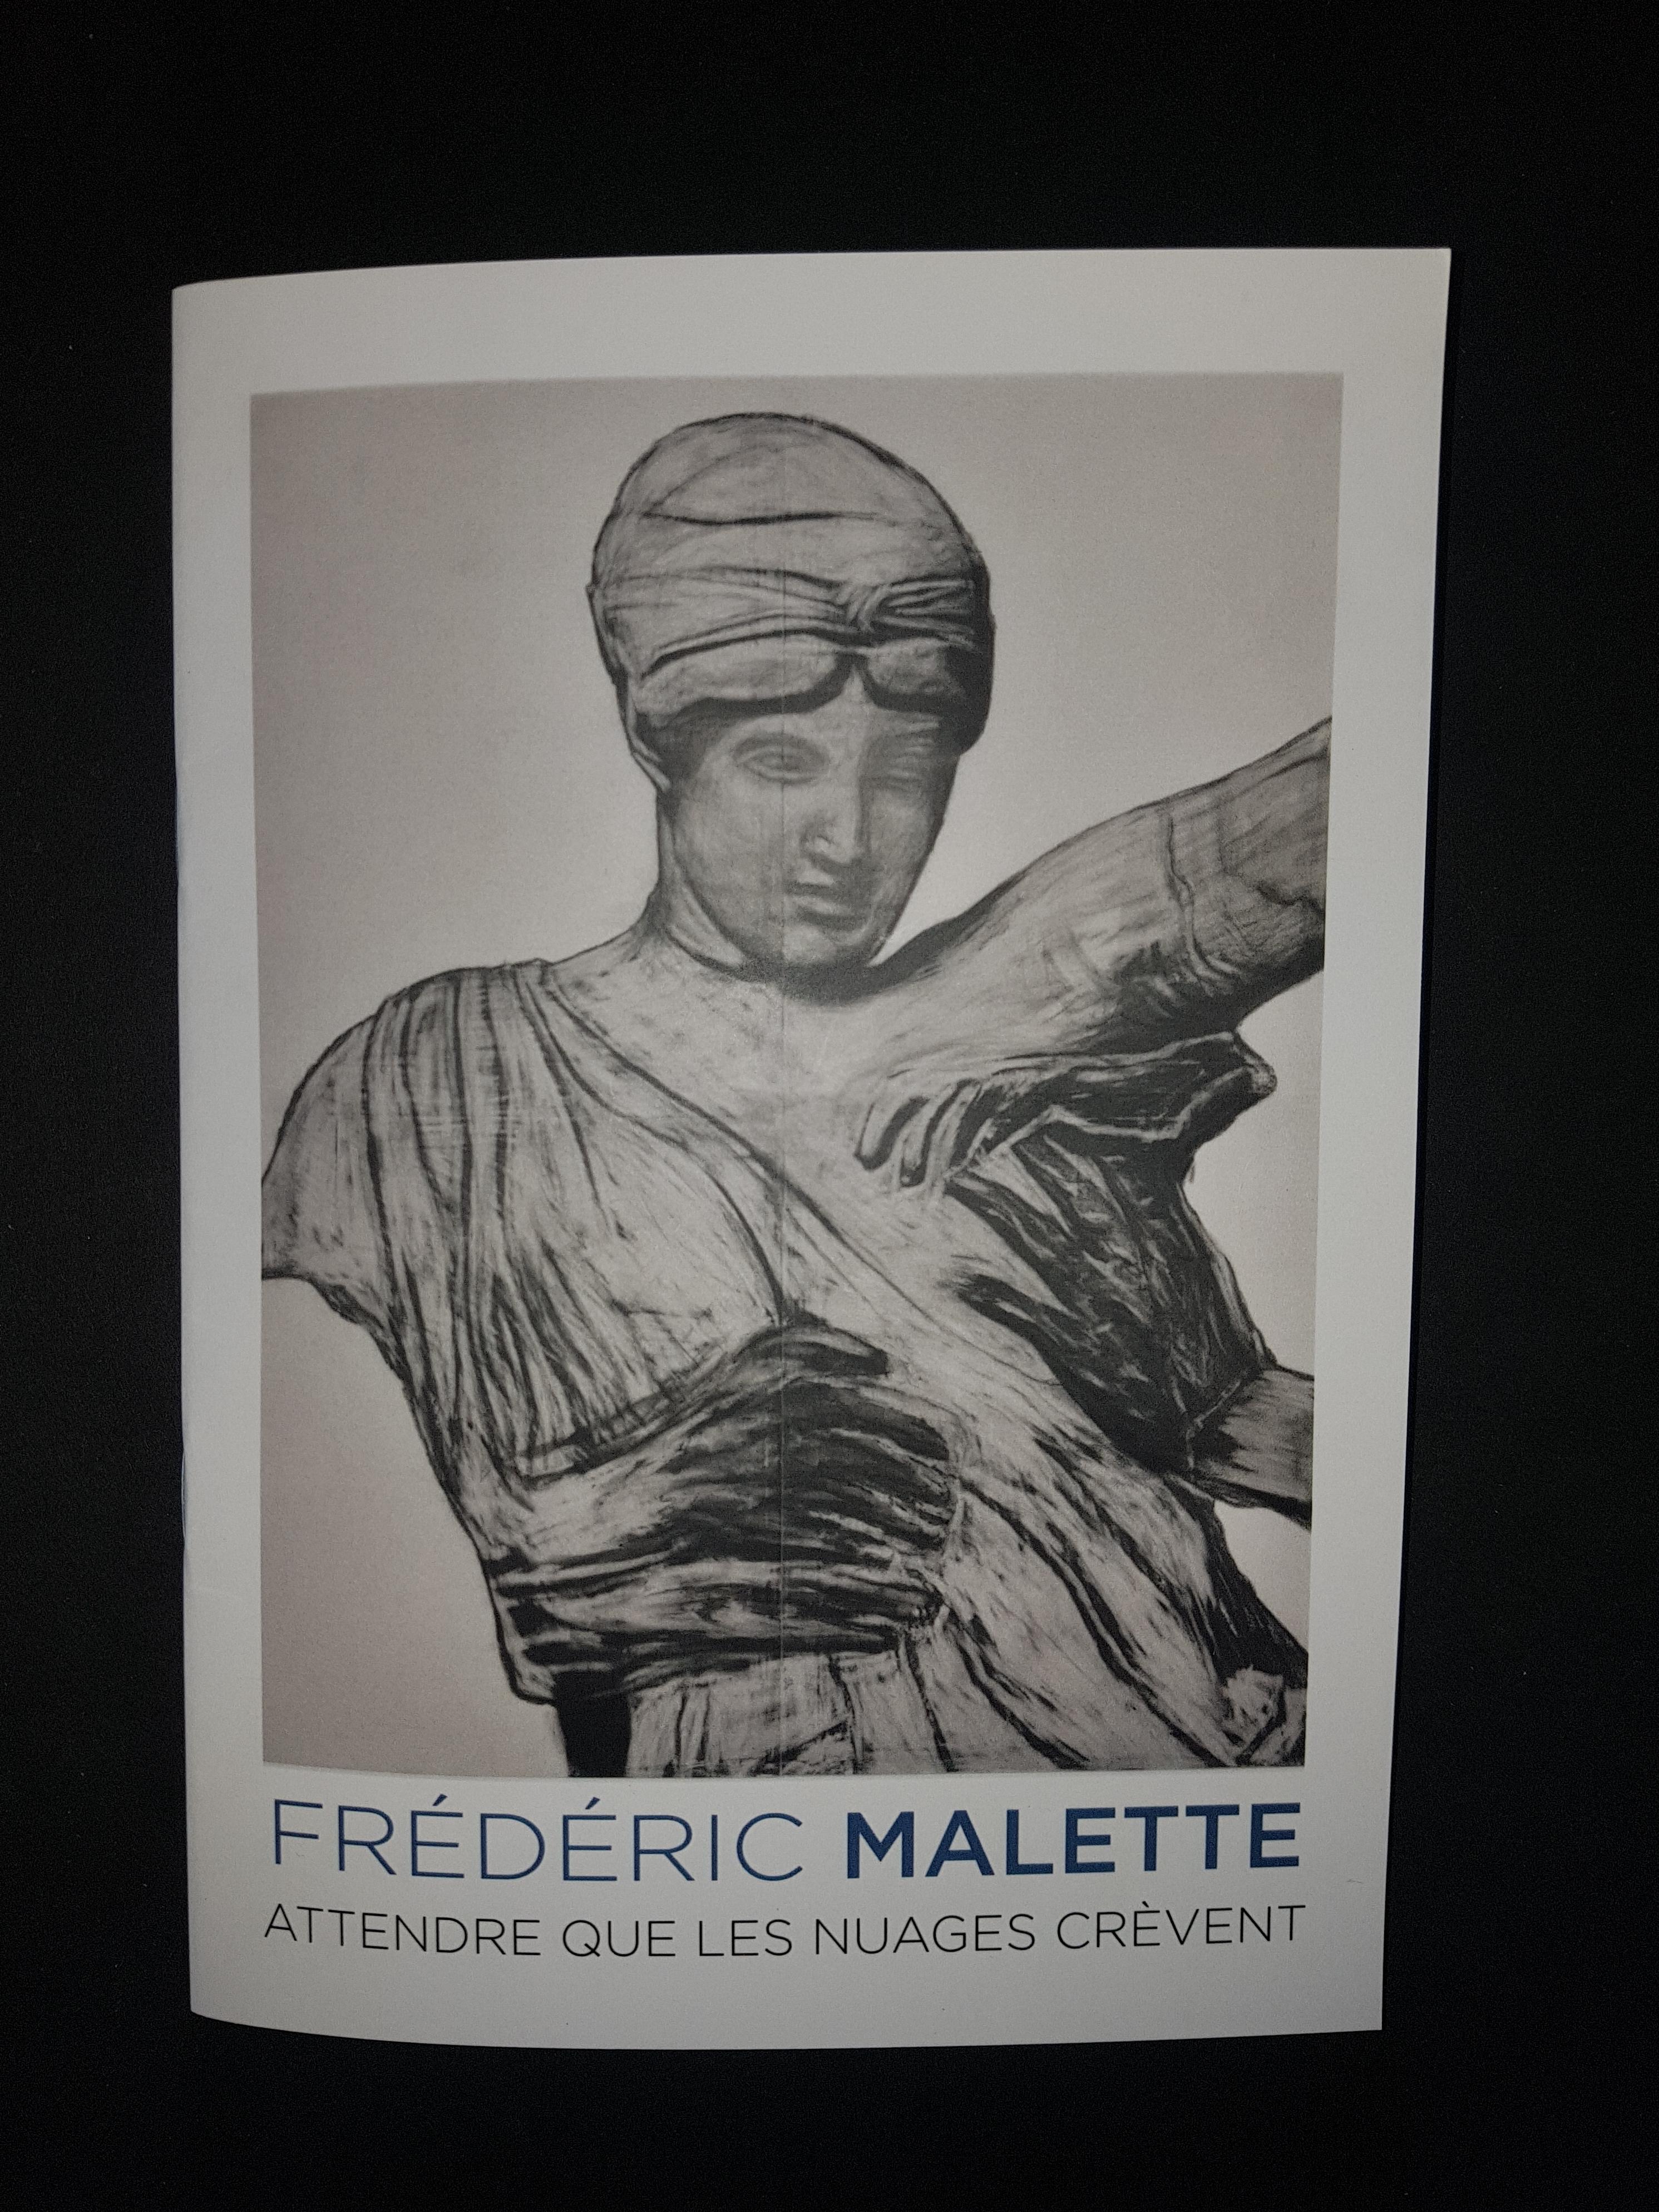 Frédéric Malette